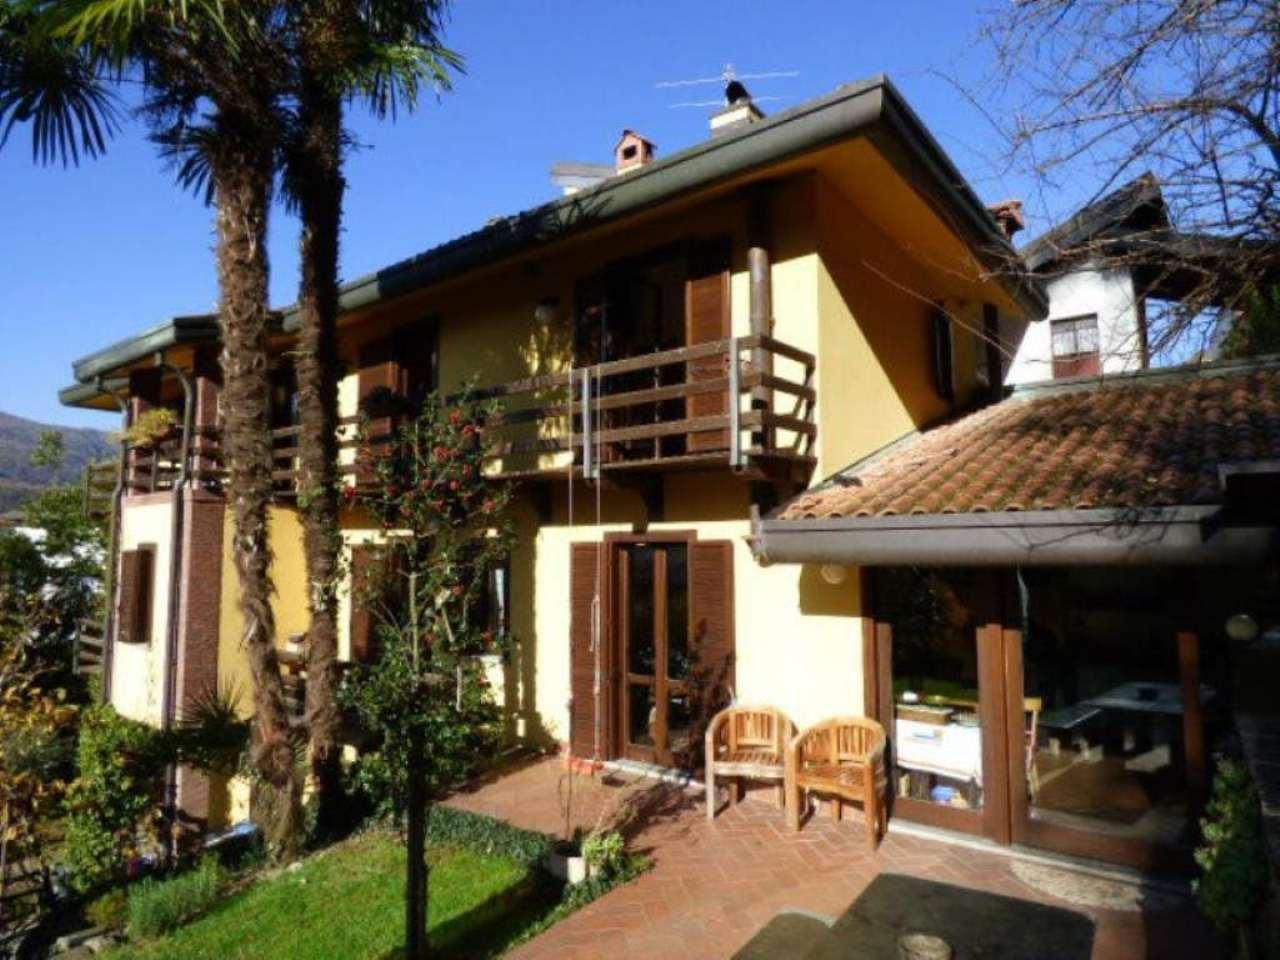 Soluzione Indipendente in vendita a Porto Ceresio, 4 locali, prezzo € 490.000 | Cambio Casa.it